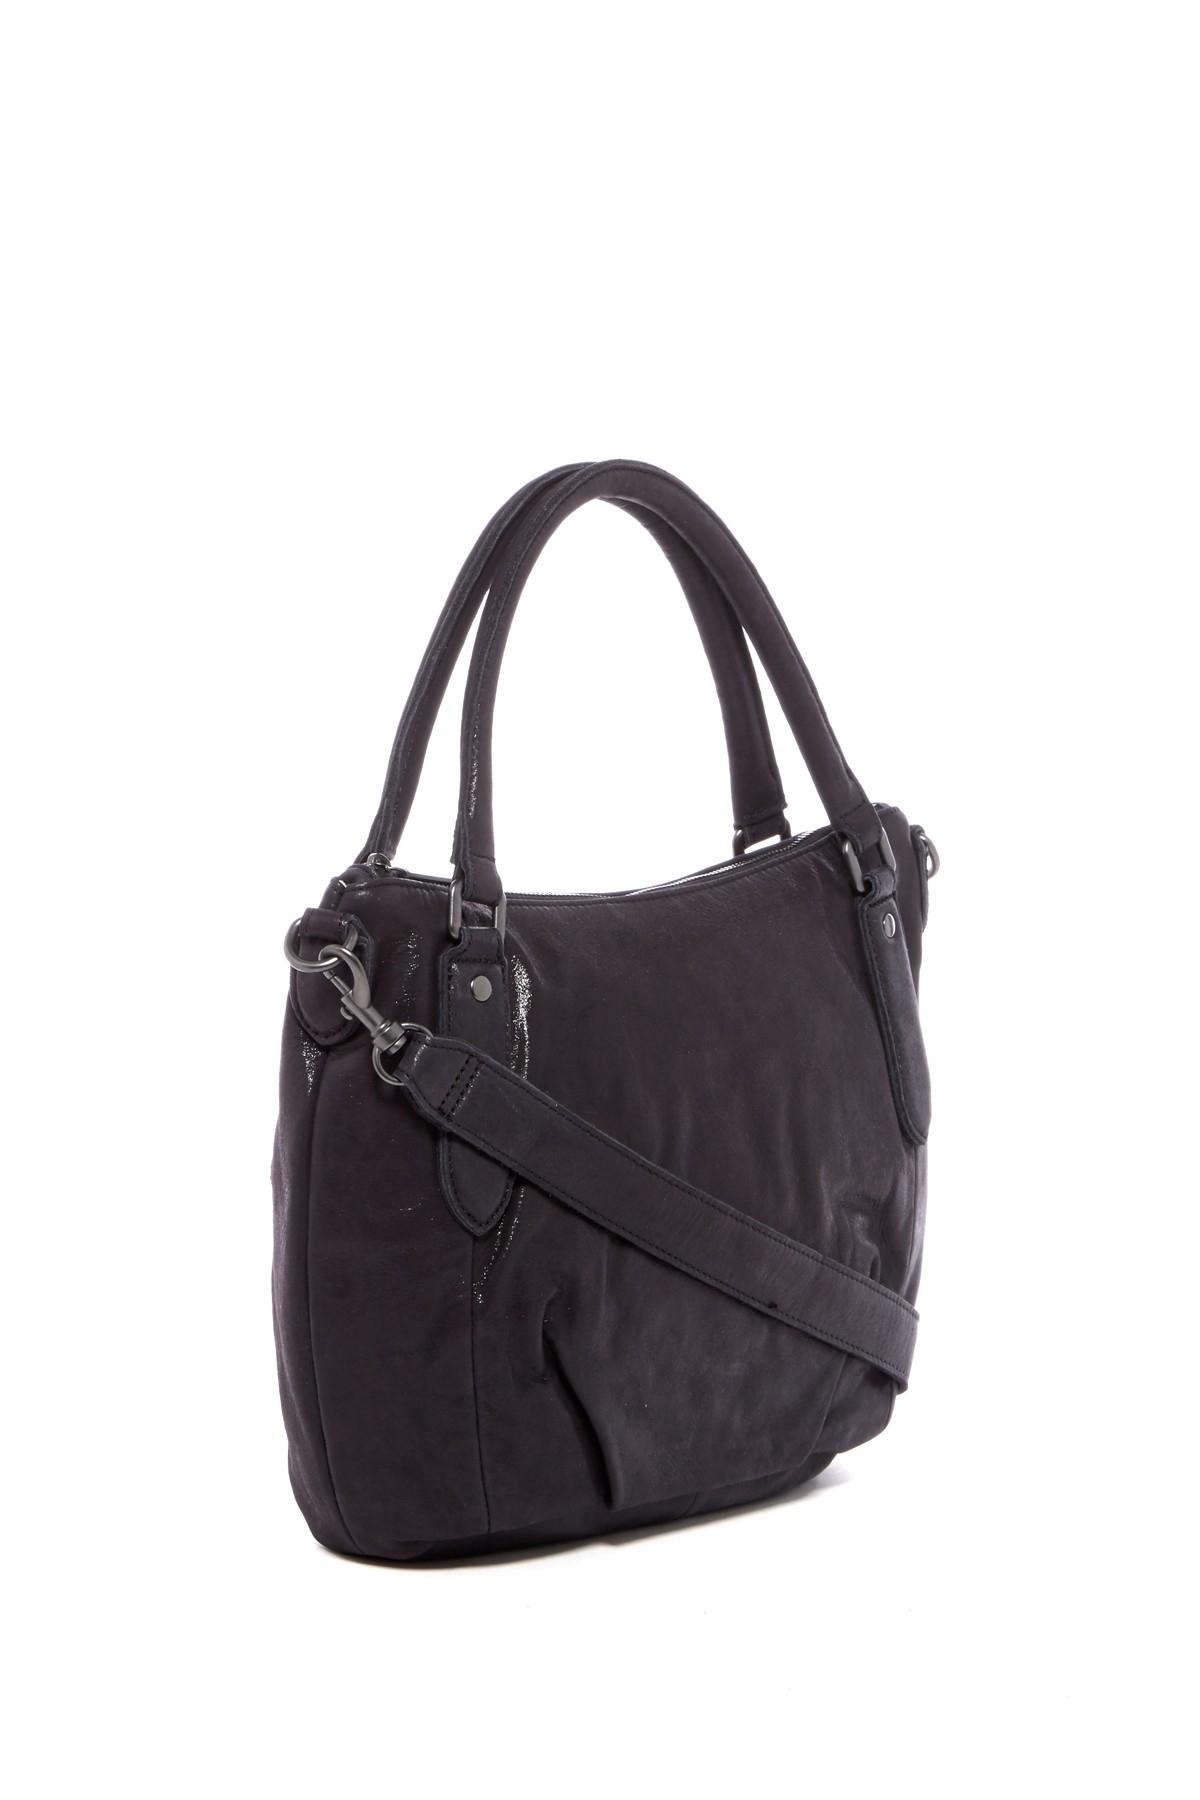 liebeskind berlin gina leather satchel lyst. Black Bedroom Furniture Sets. Home Design Ideas